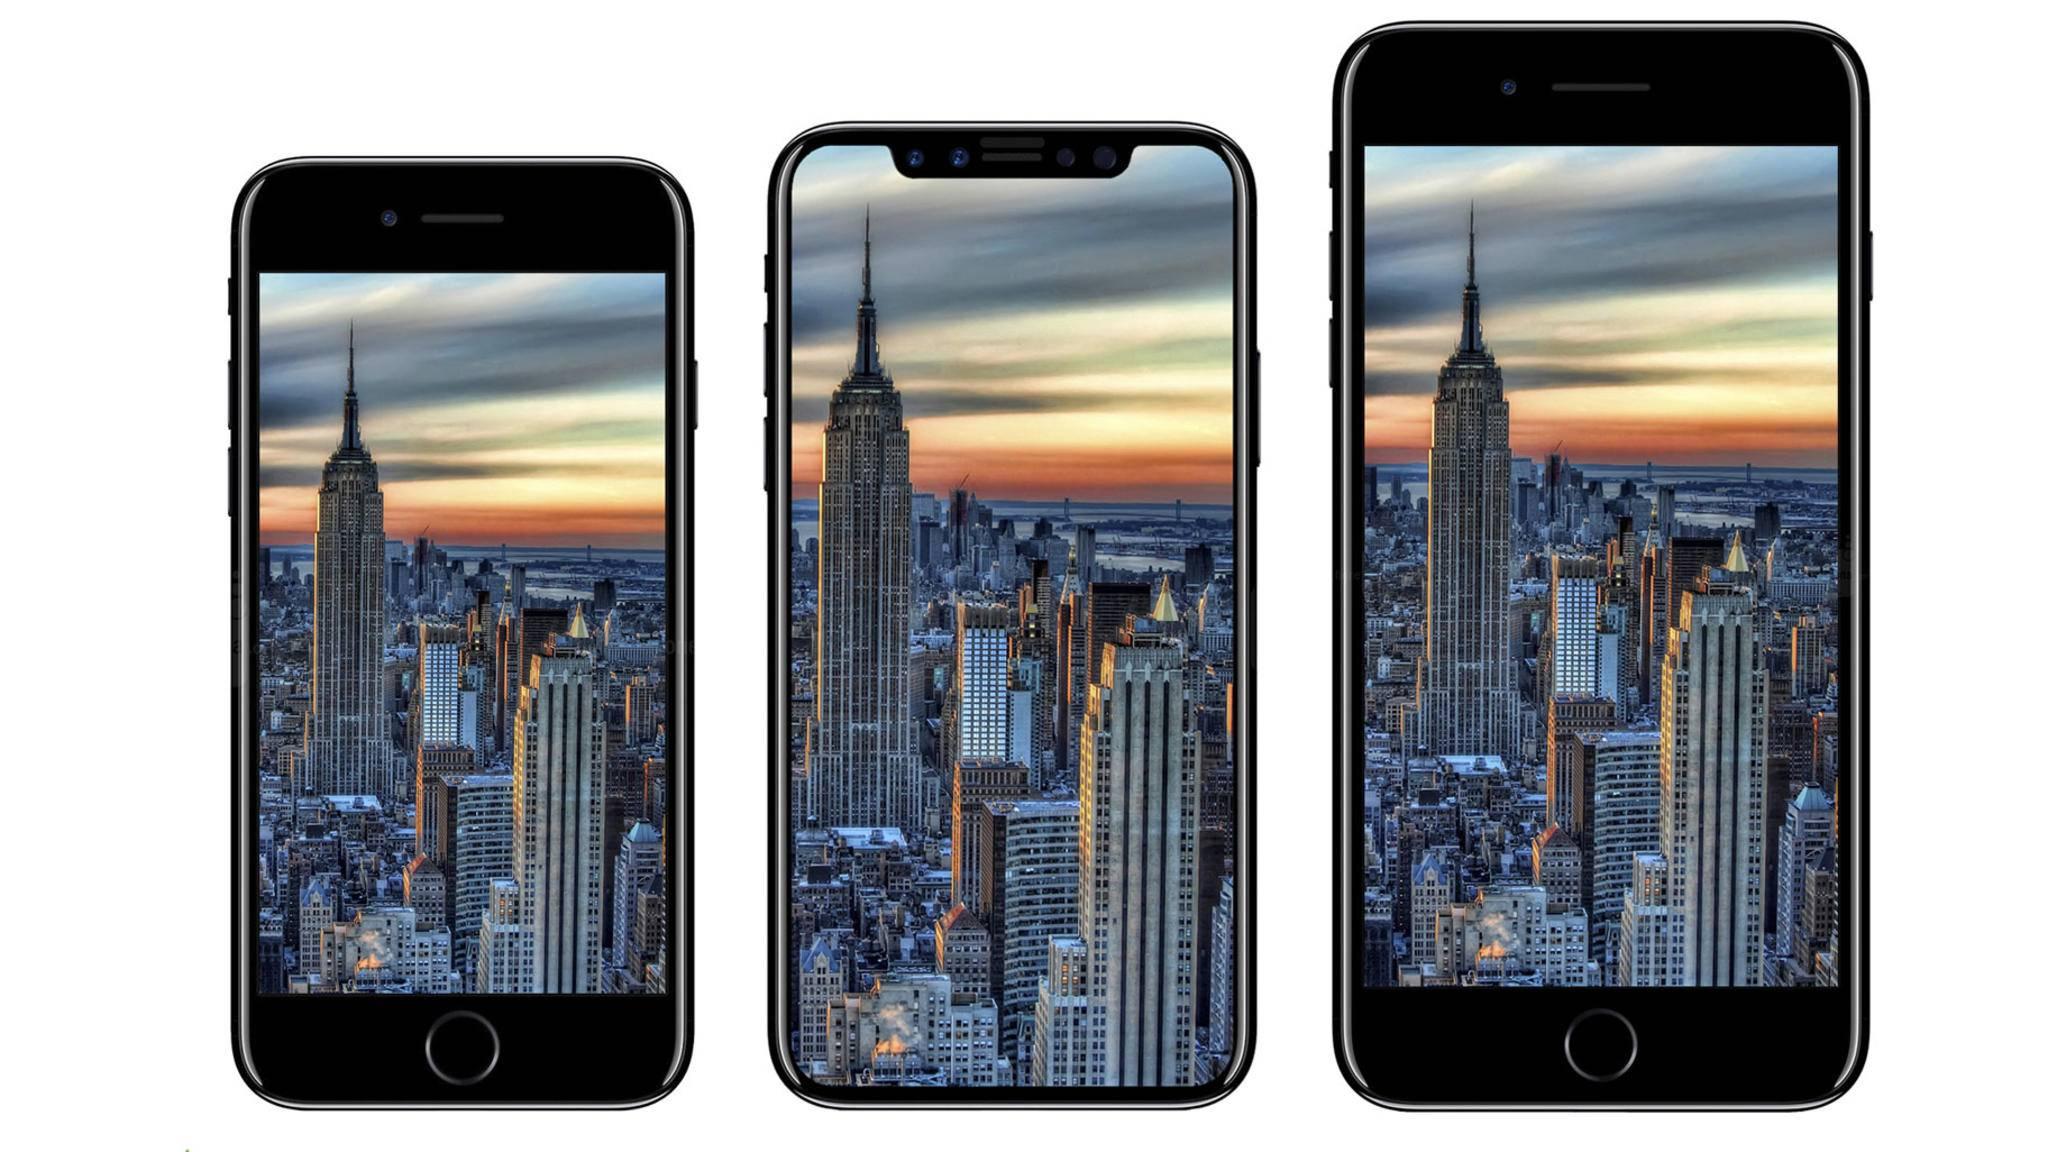 Der Fingerabdrucksensor ist beim iPhone 8 wohl im Display und nicht auf der Rückseite verbaut.